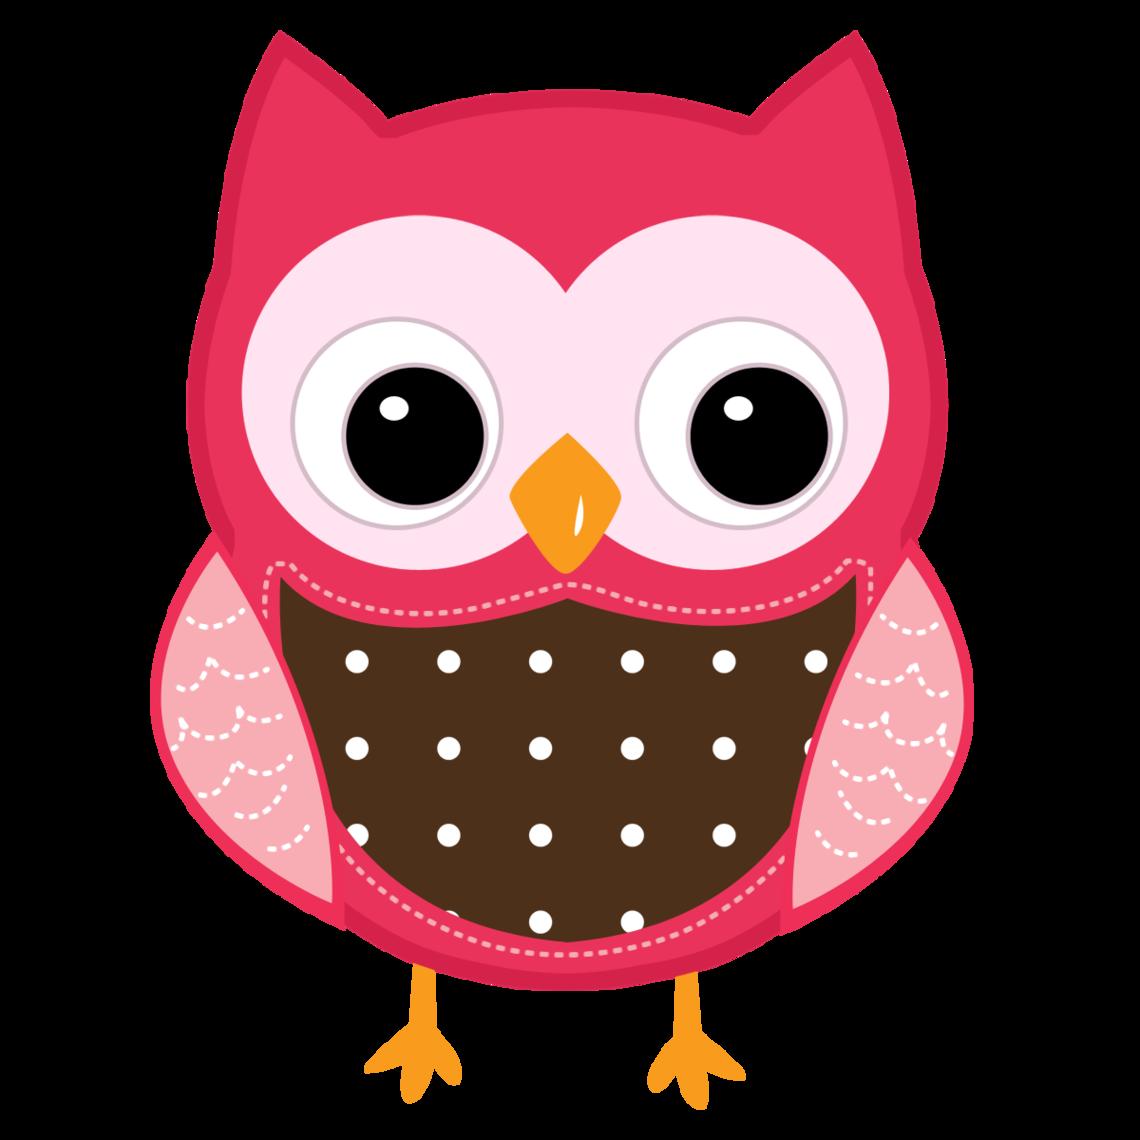 Cartoon Owl Face - ClipArt Best